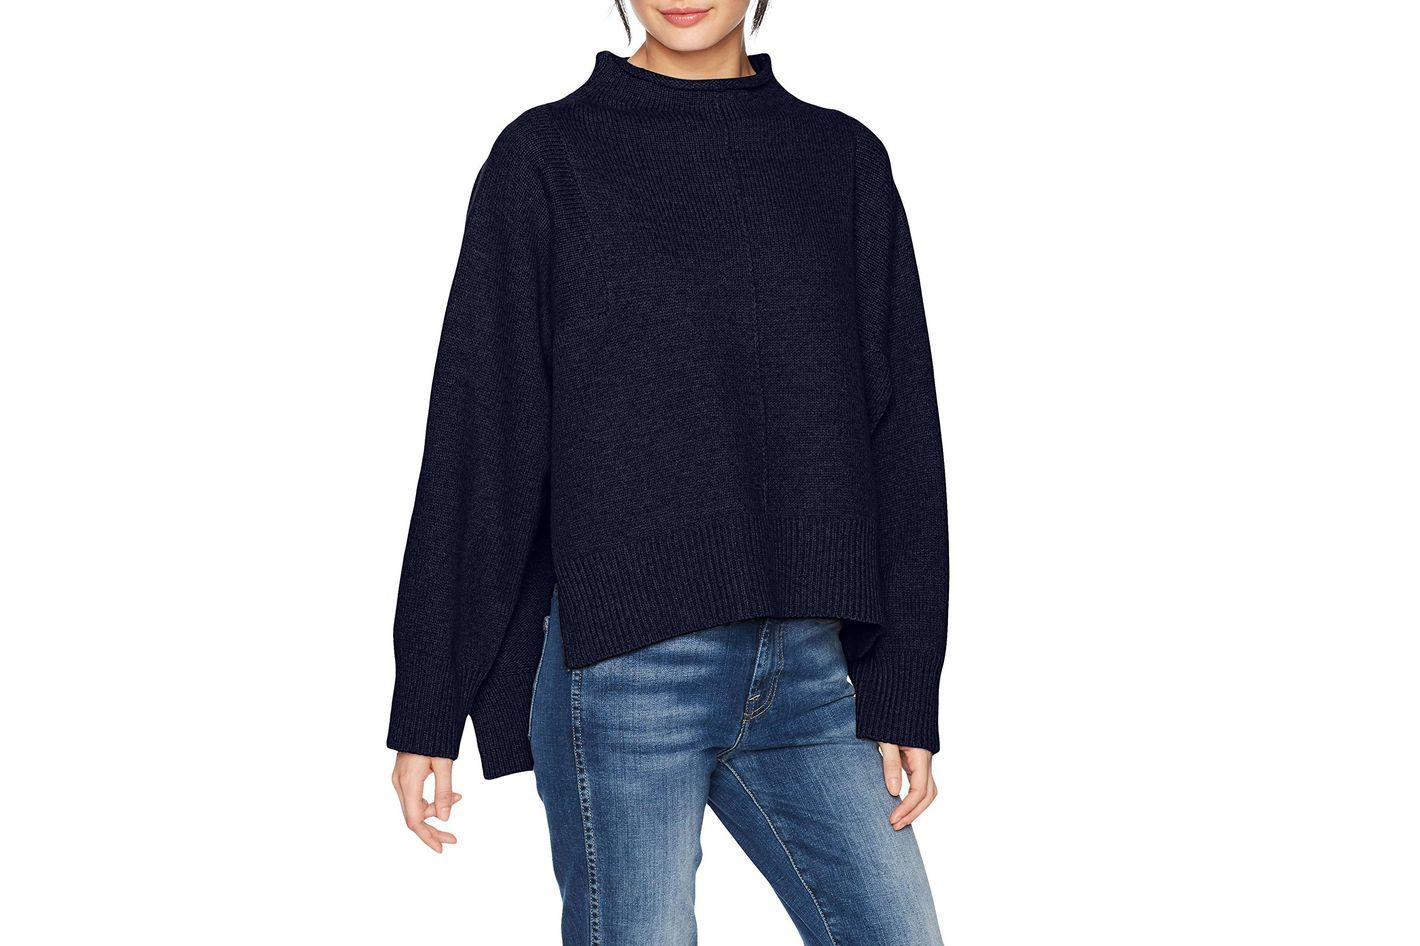 Moon River Women's Mock Neck Boxy Boyfriend Sweater